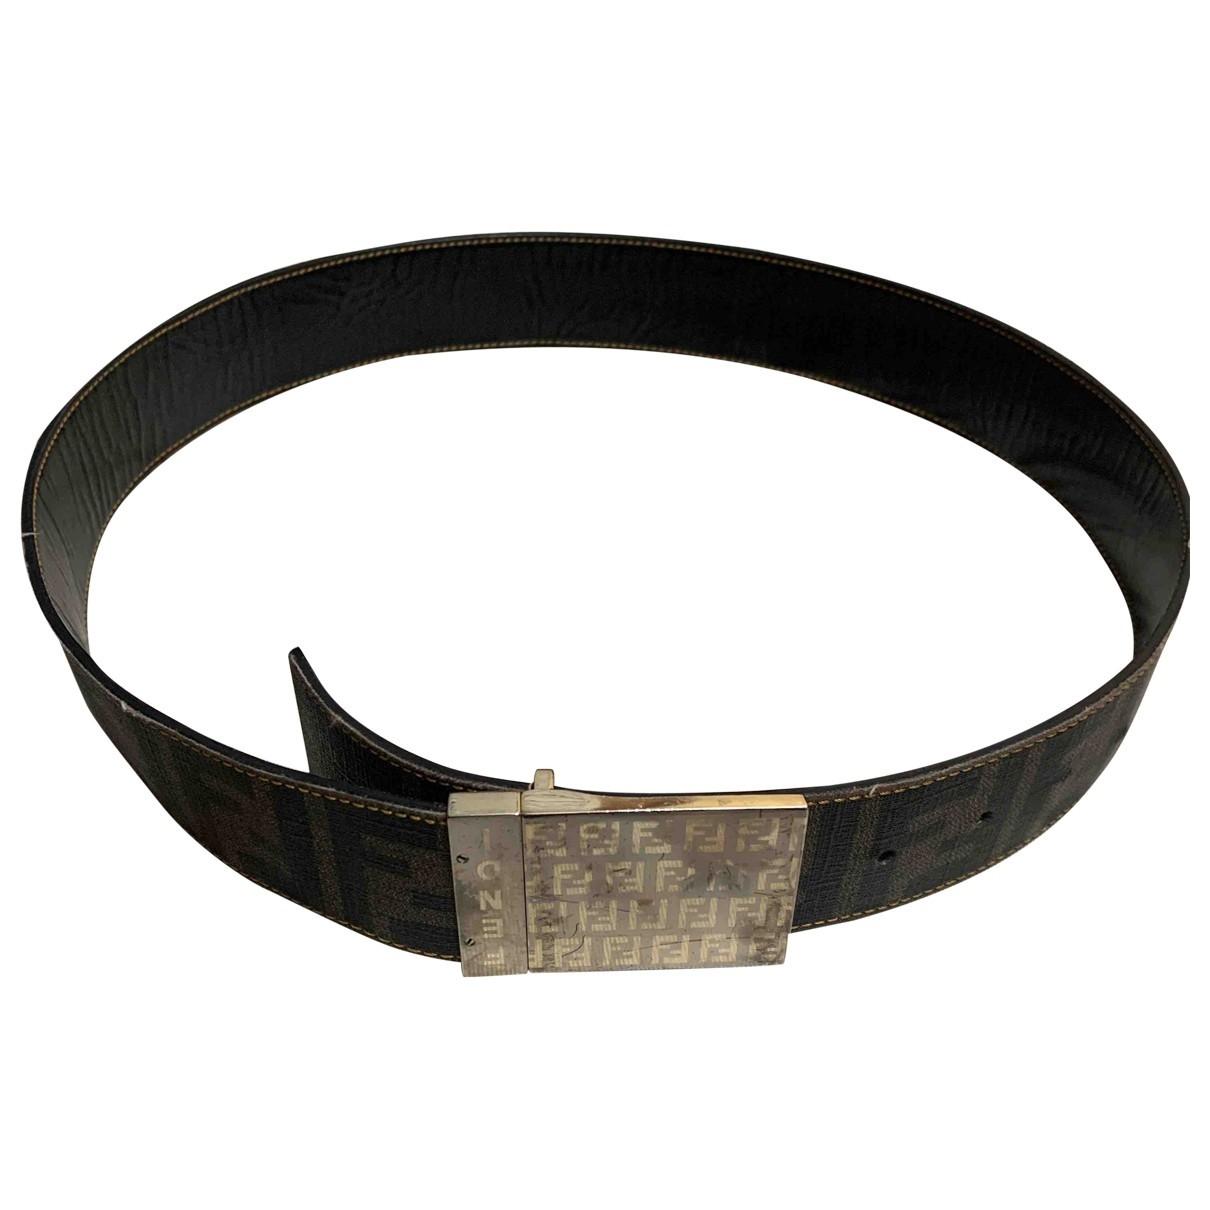 Cinturon de Lona Fendi